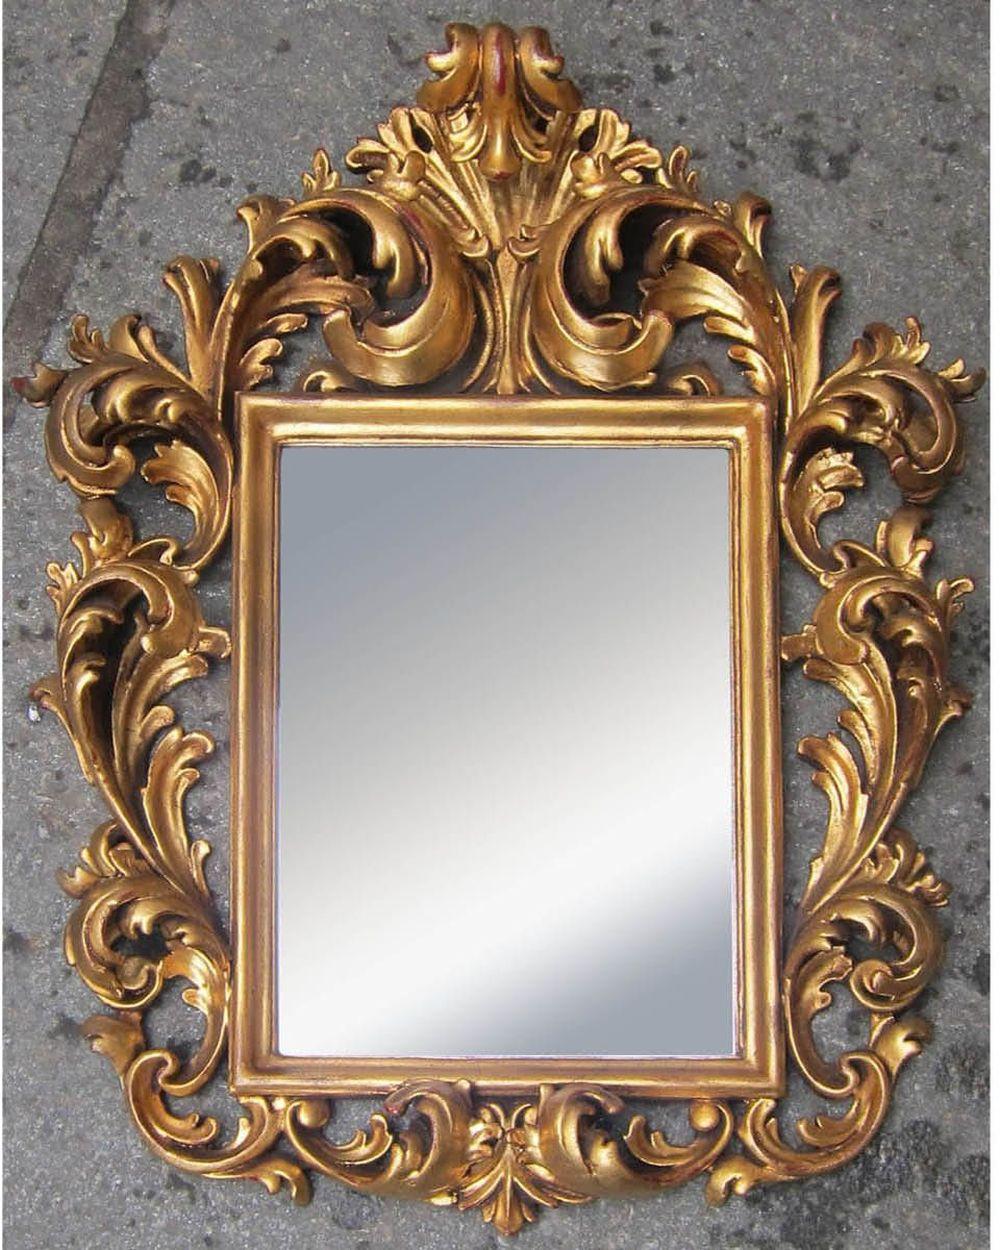 Vintage Florentine-style mirror